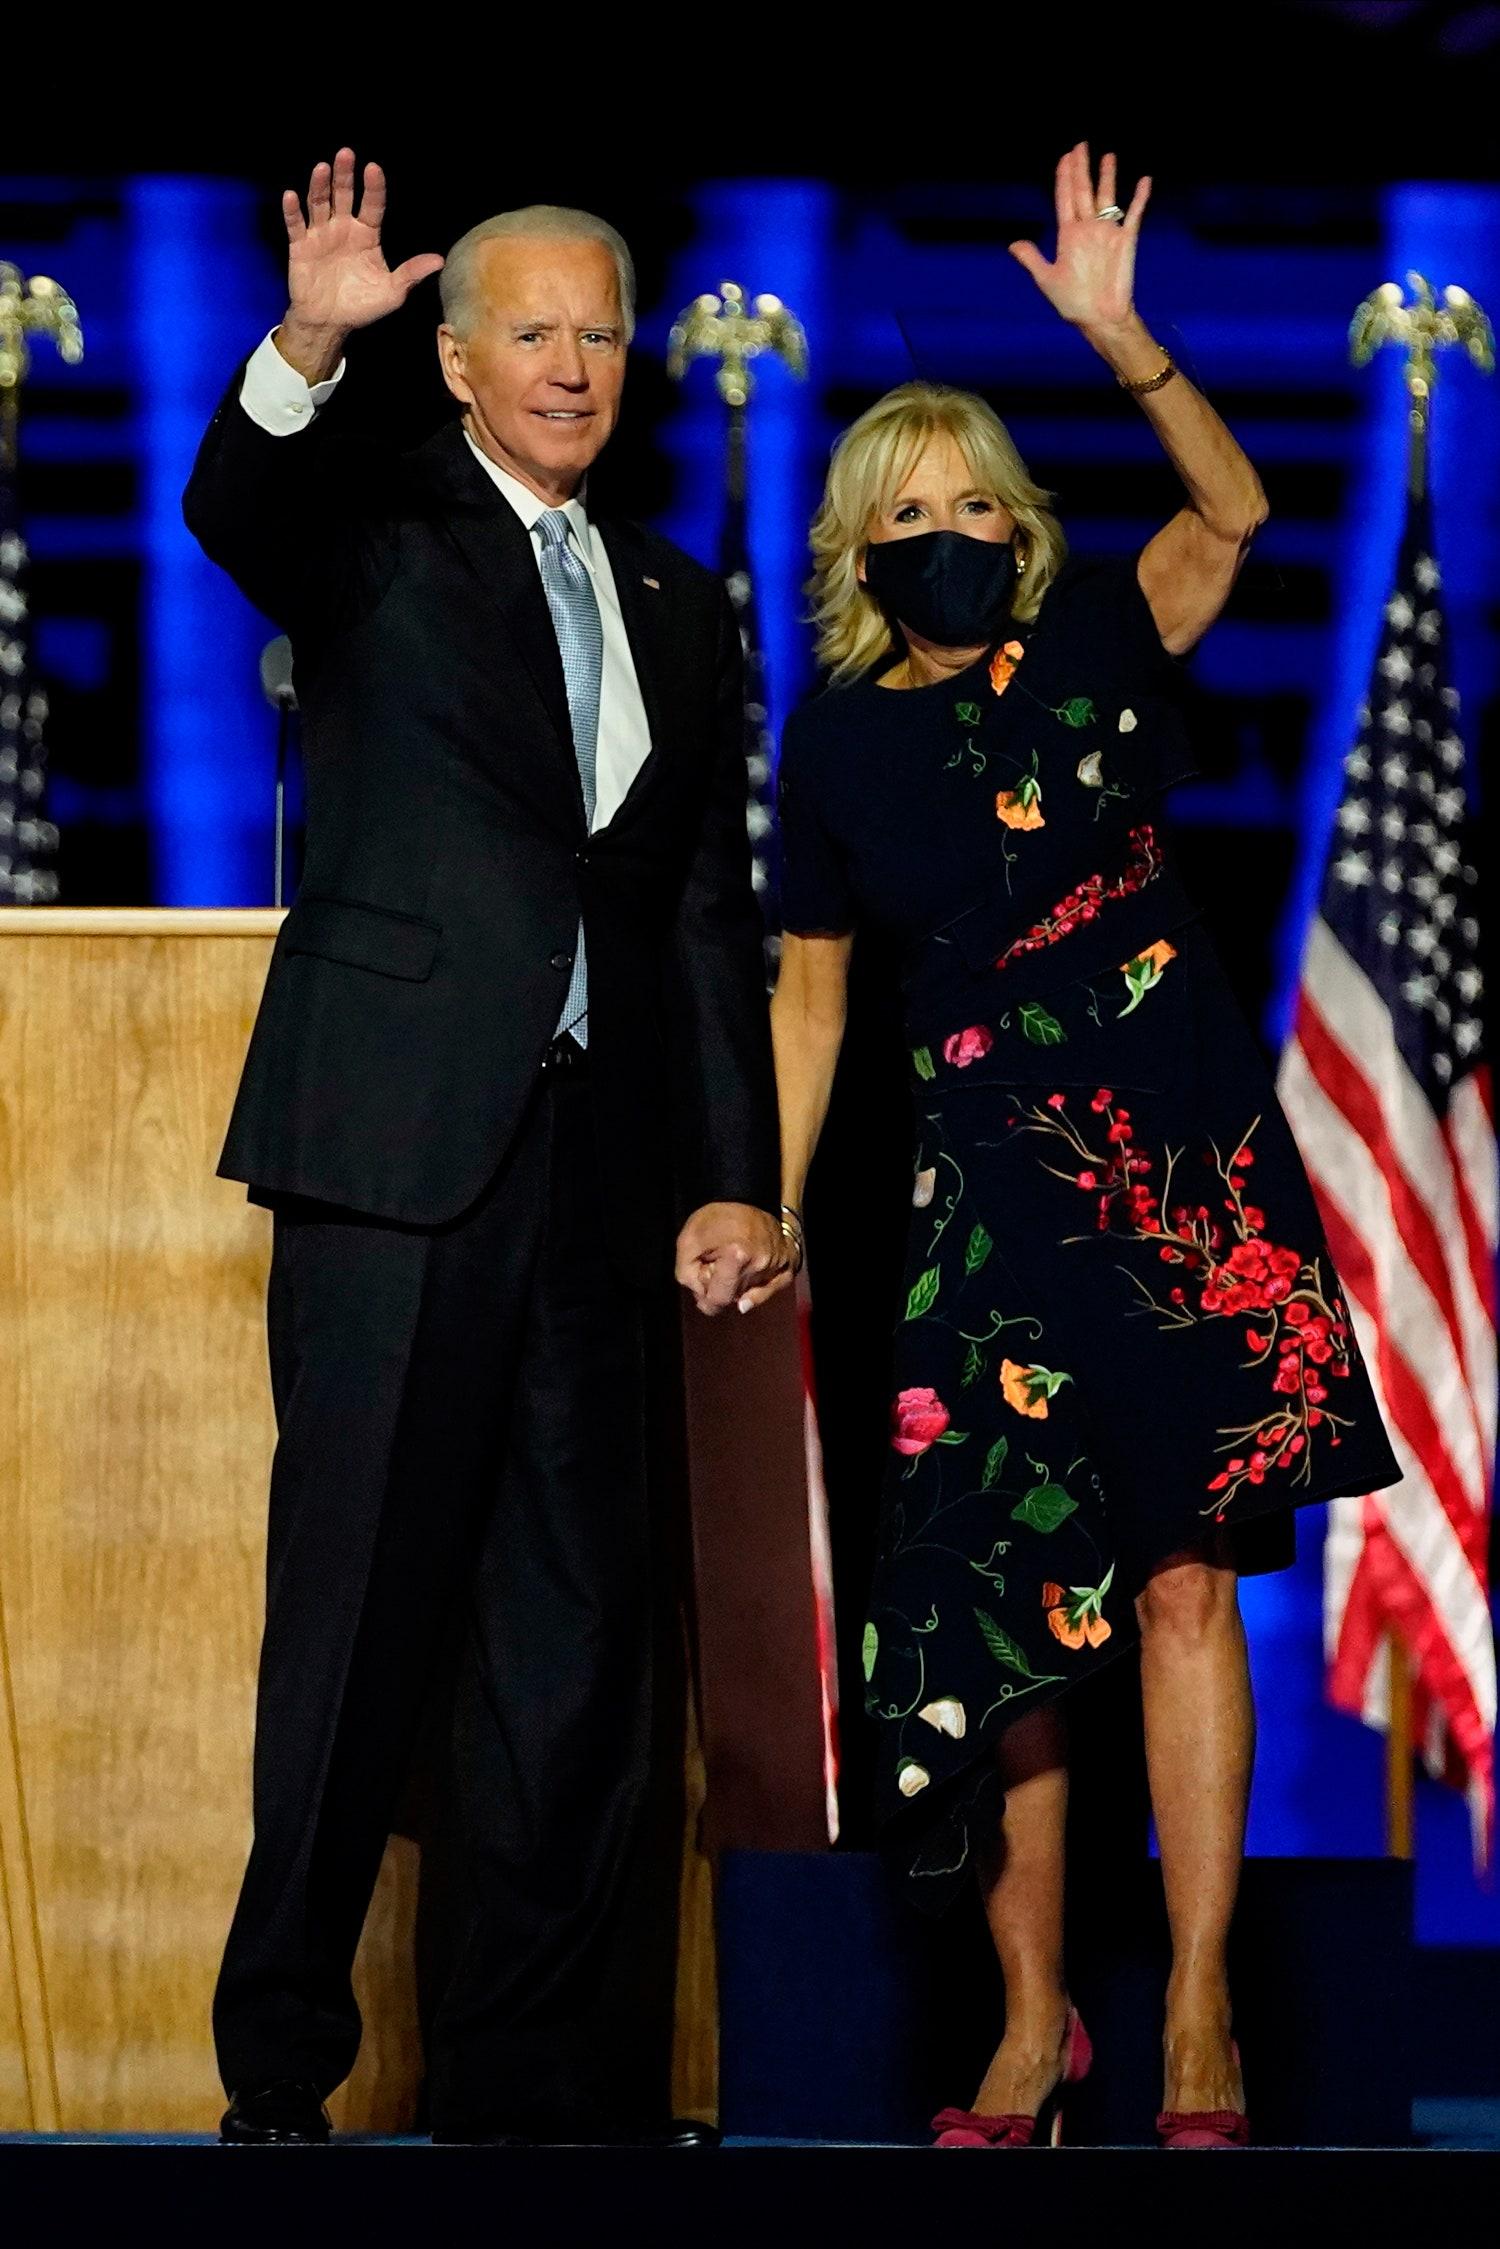 Джилл Байден: как выглядит и одевается жена Джо Байдена и новая первая леди США